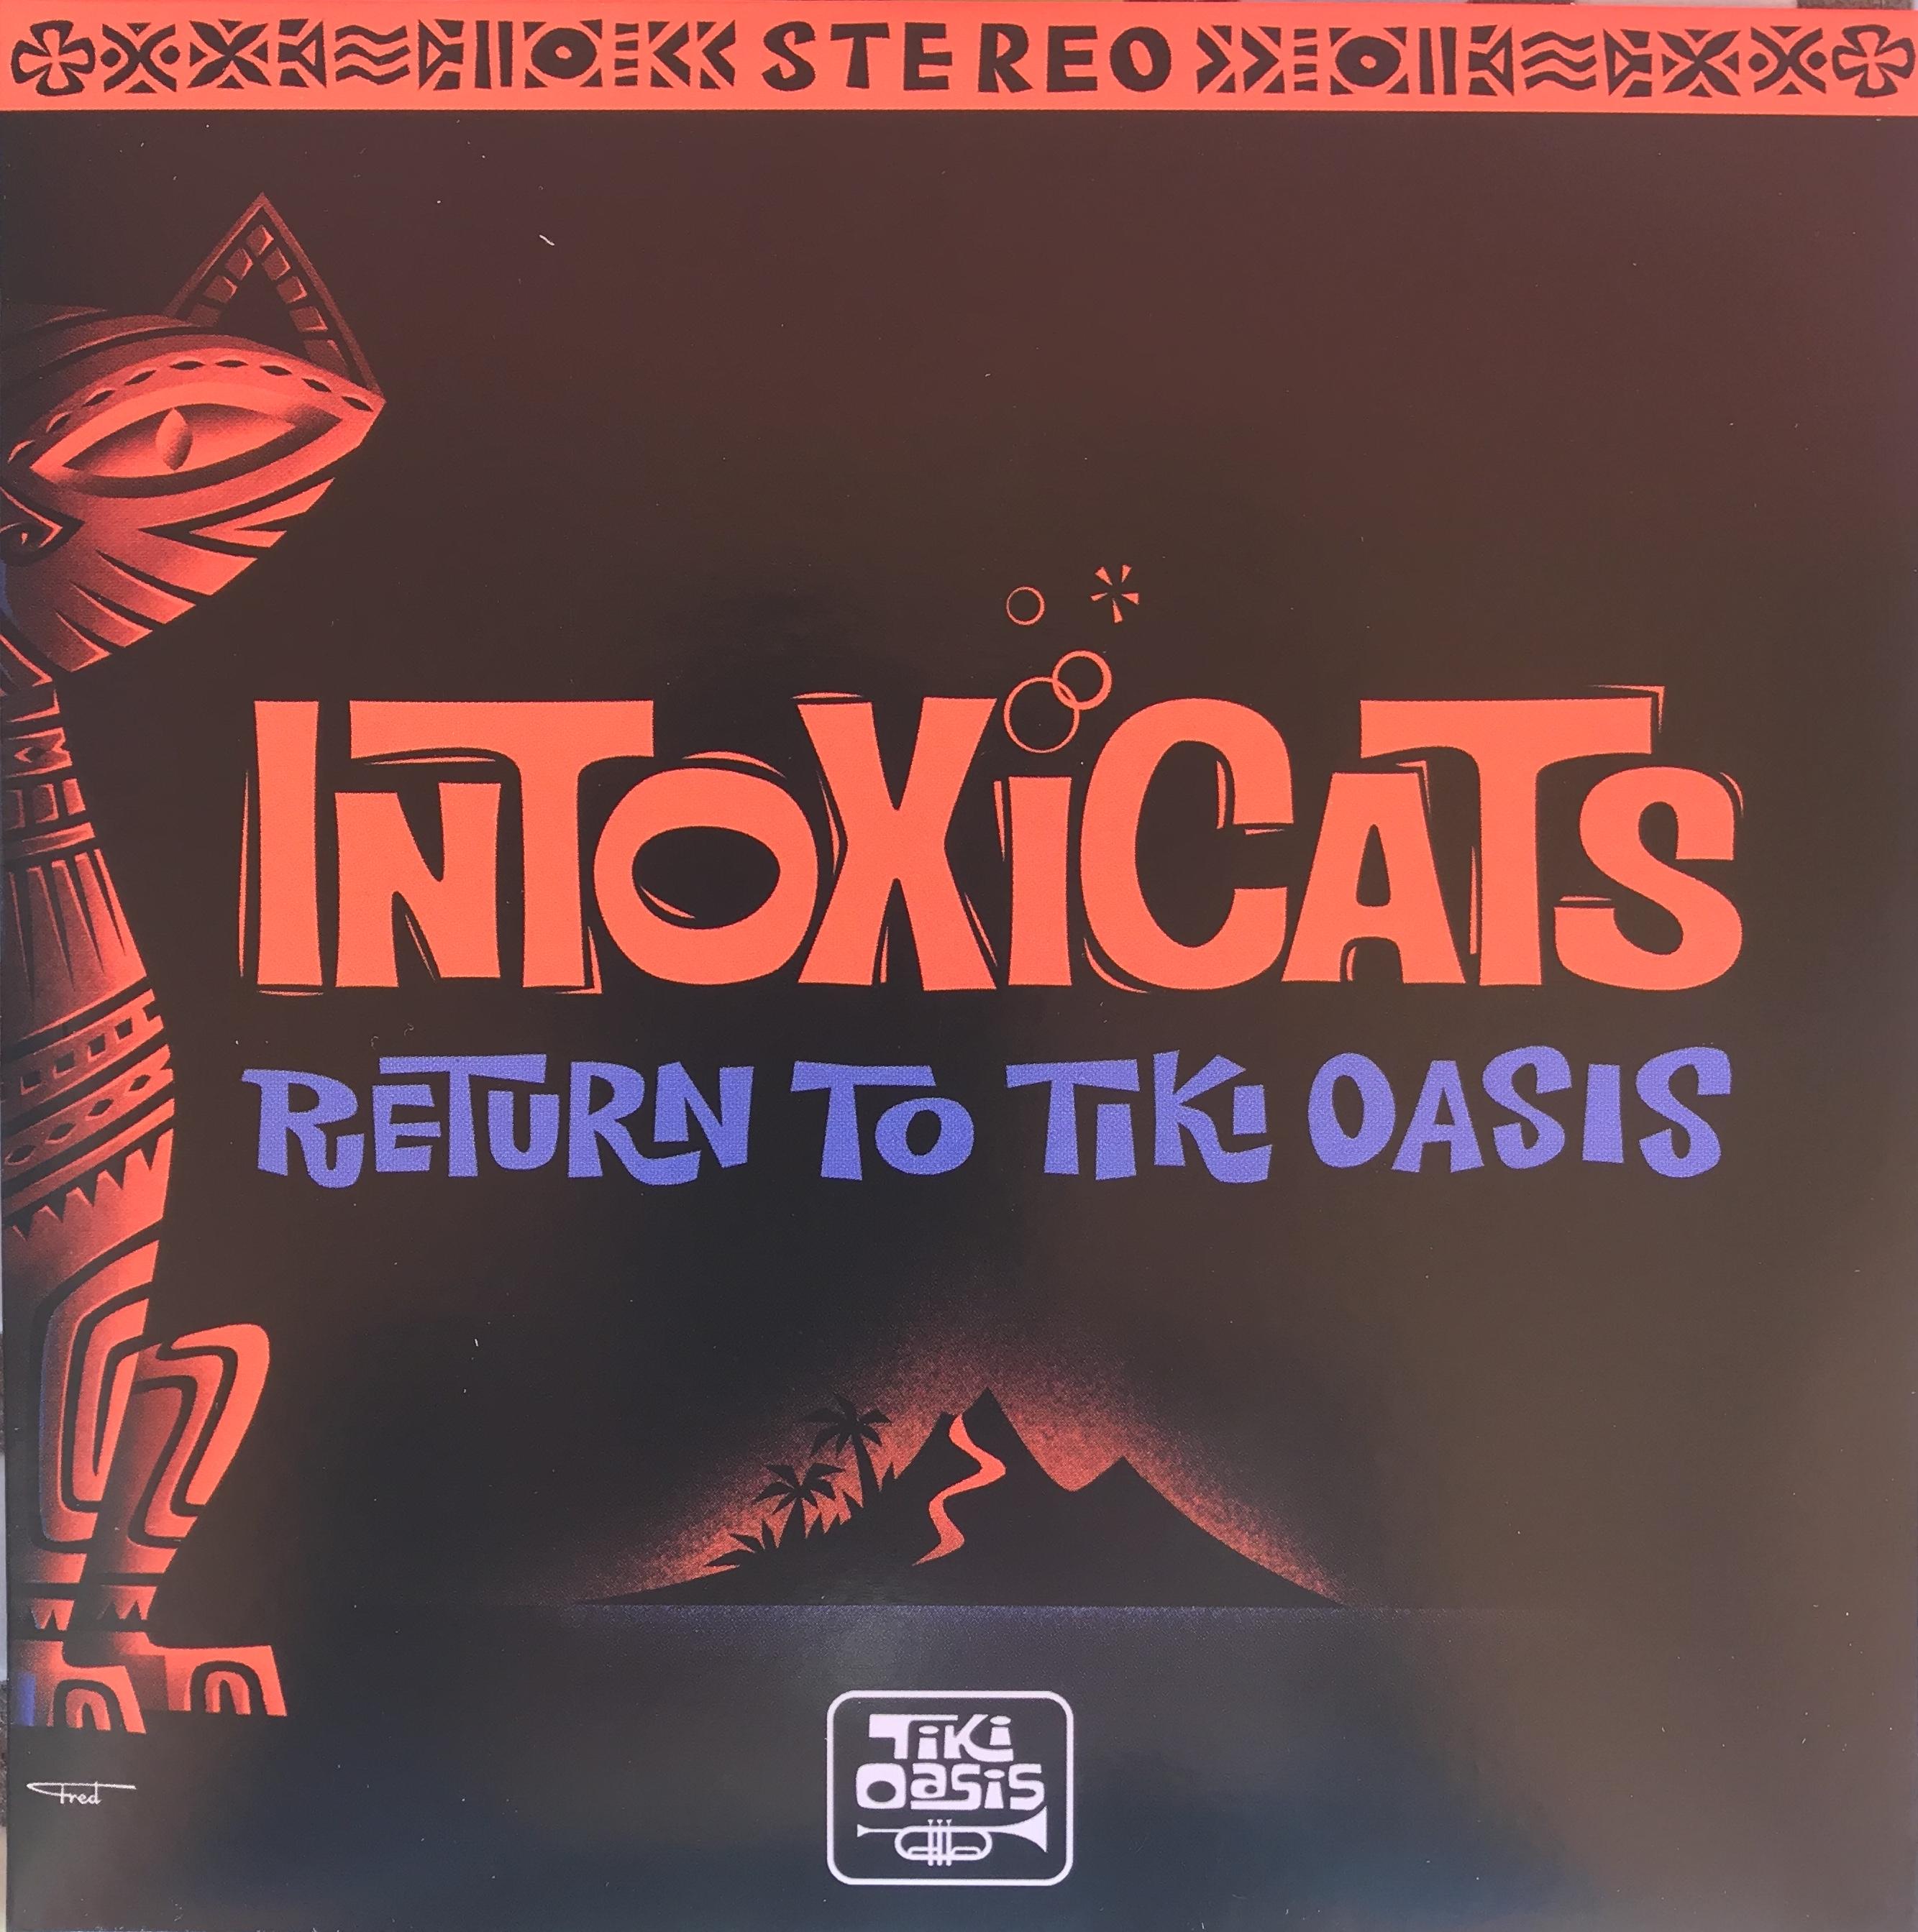 TO003_Intoxicats